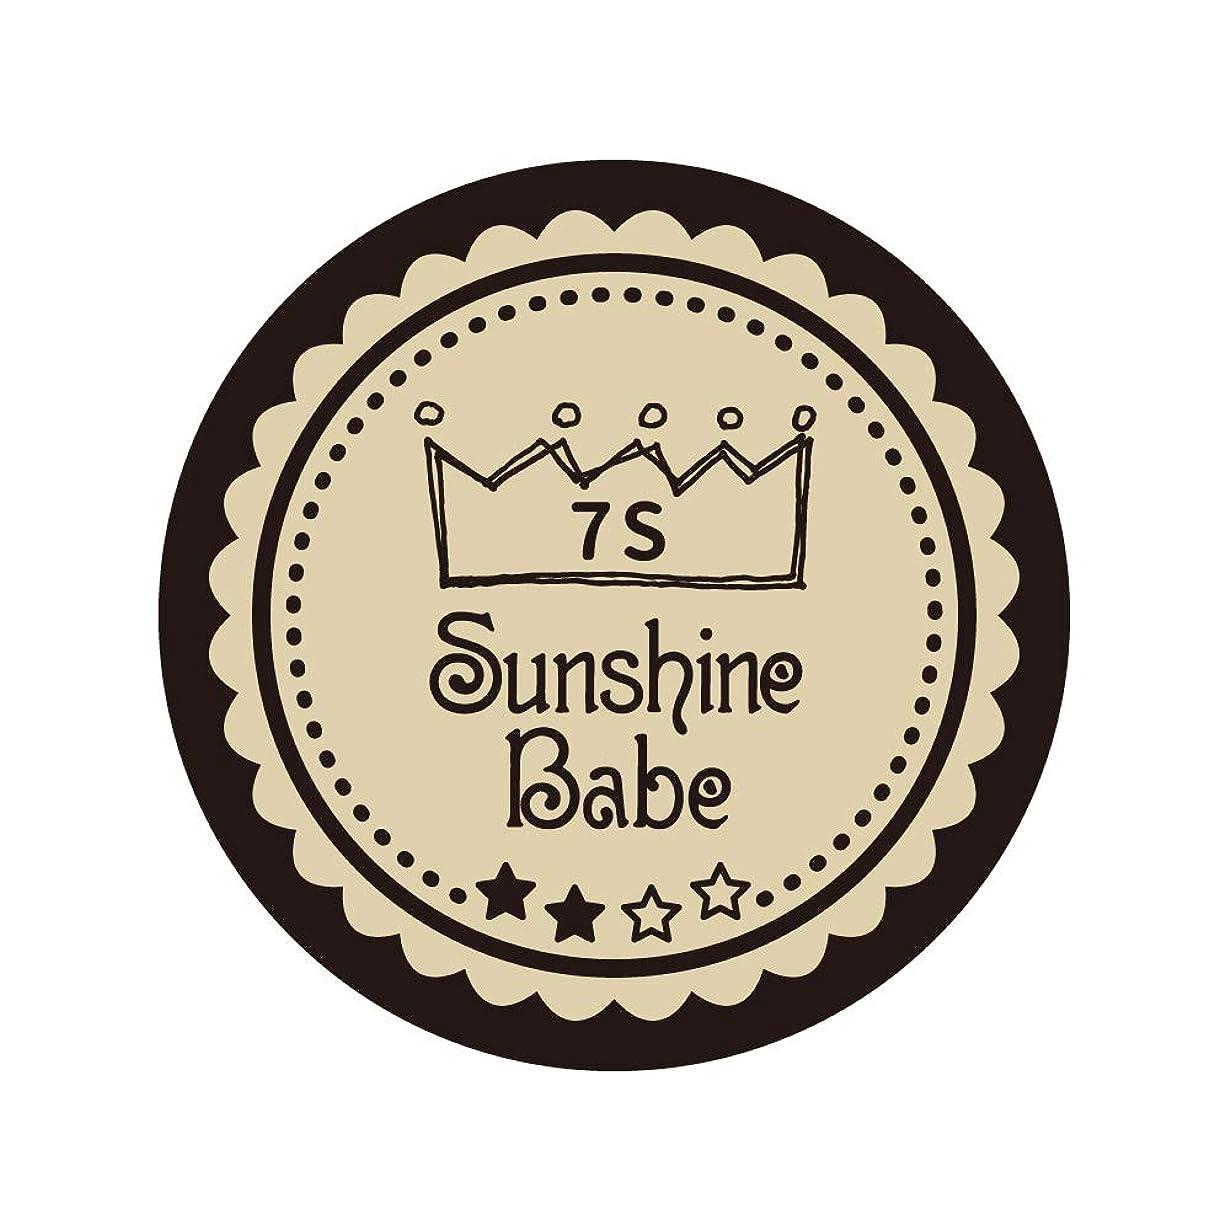 覚えている送料贅沢なSunshine Babe カラージェル 7S ウォームサンド 2.7g UV/LED対応